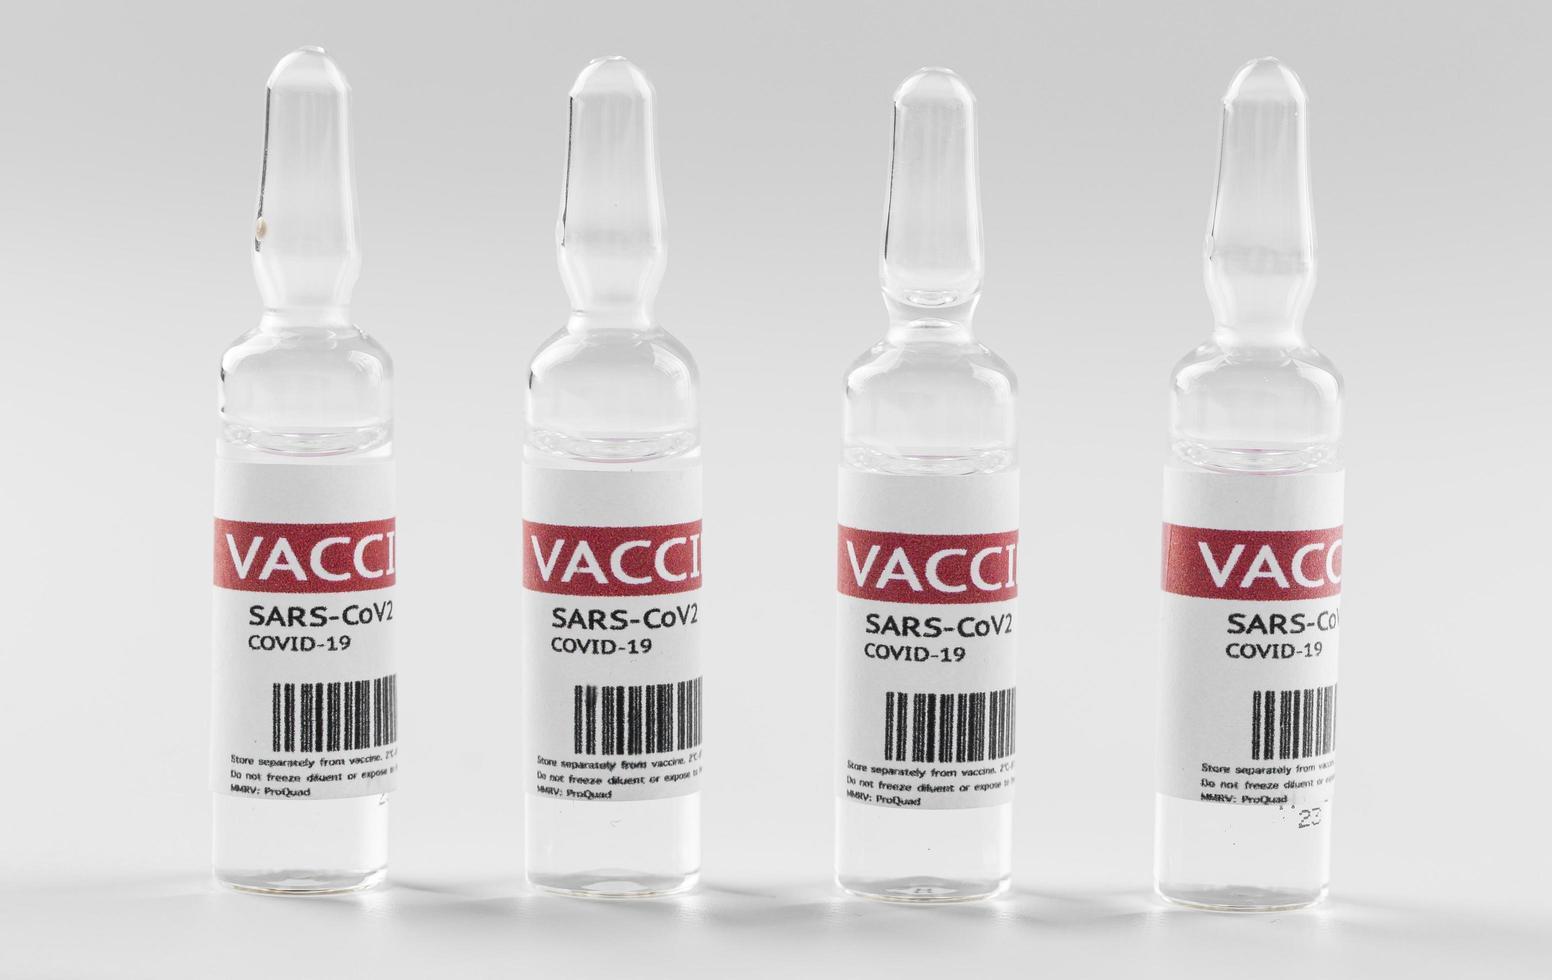 flaconi di vaccino preventivo contro il coronavirus foto